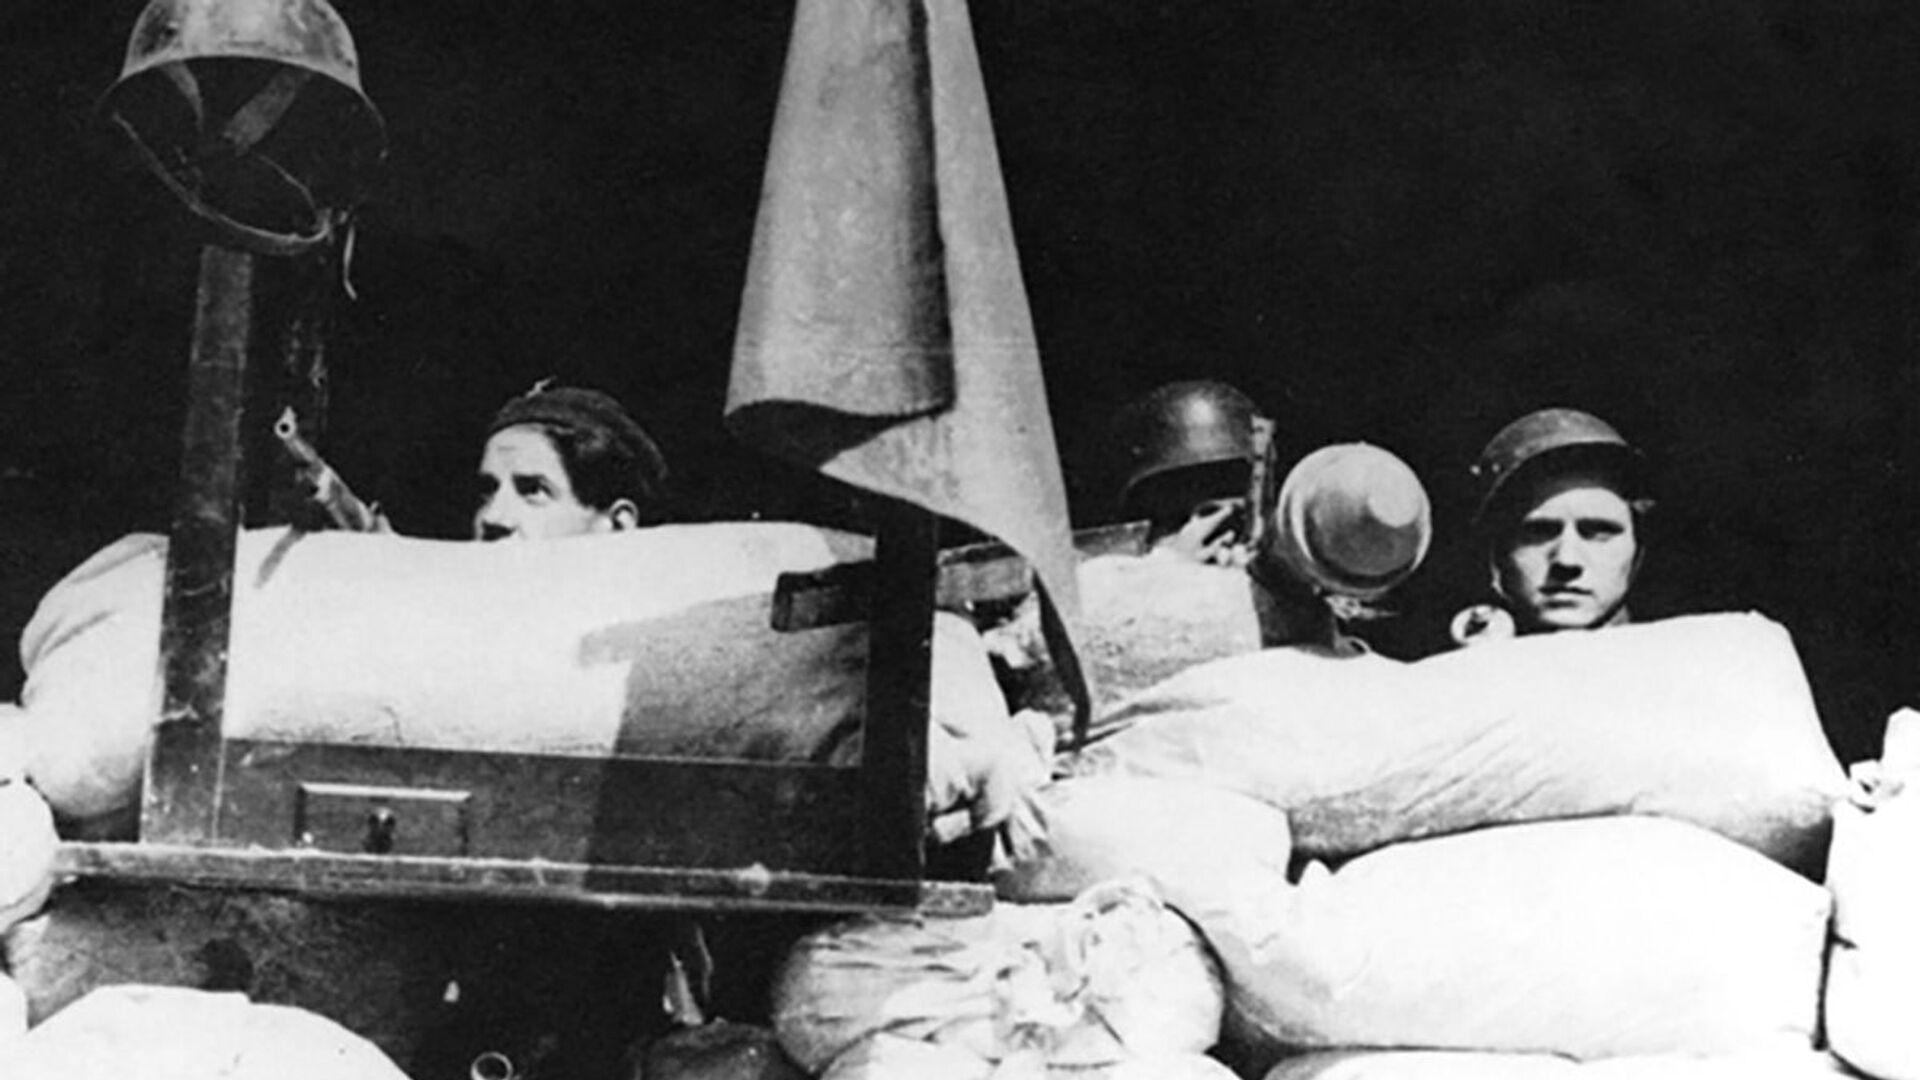 Účastníci pražského povstání 5. května 1945 na barikádách - Sputnik Česká republika, 1920, 05.05.2021